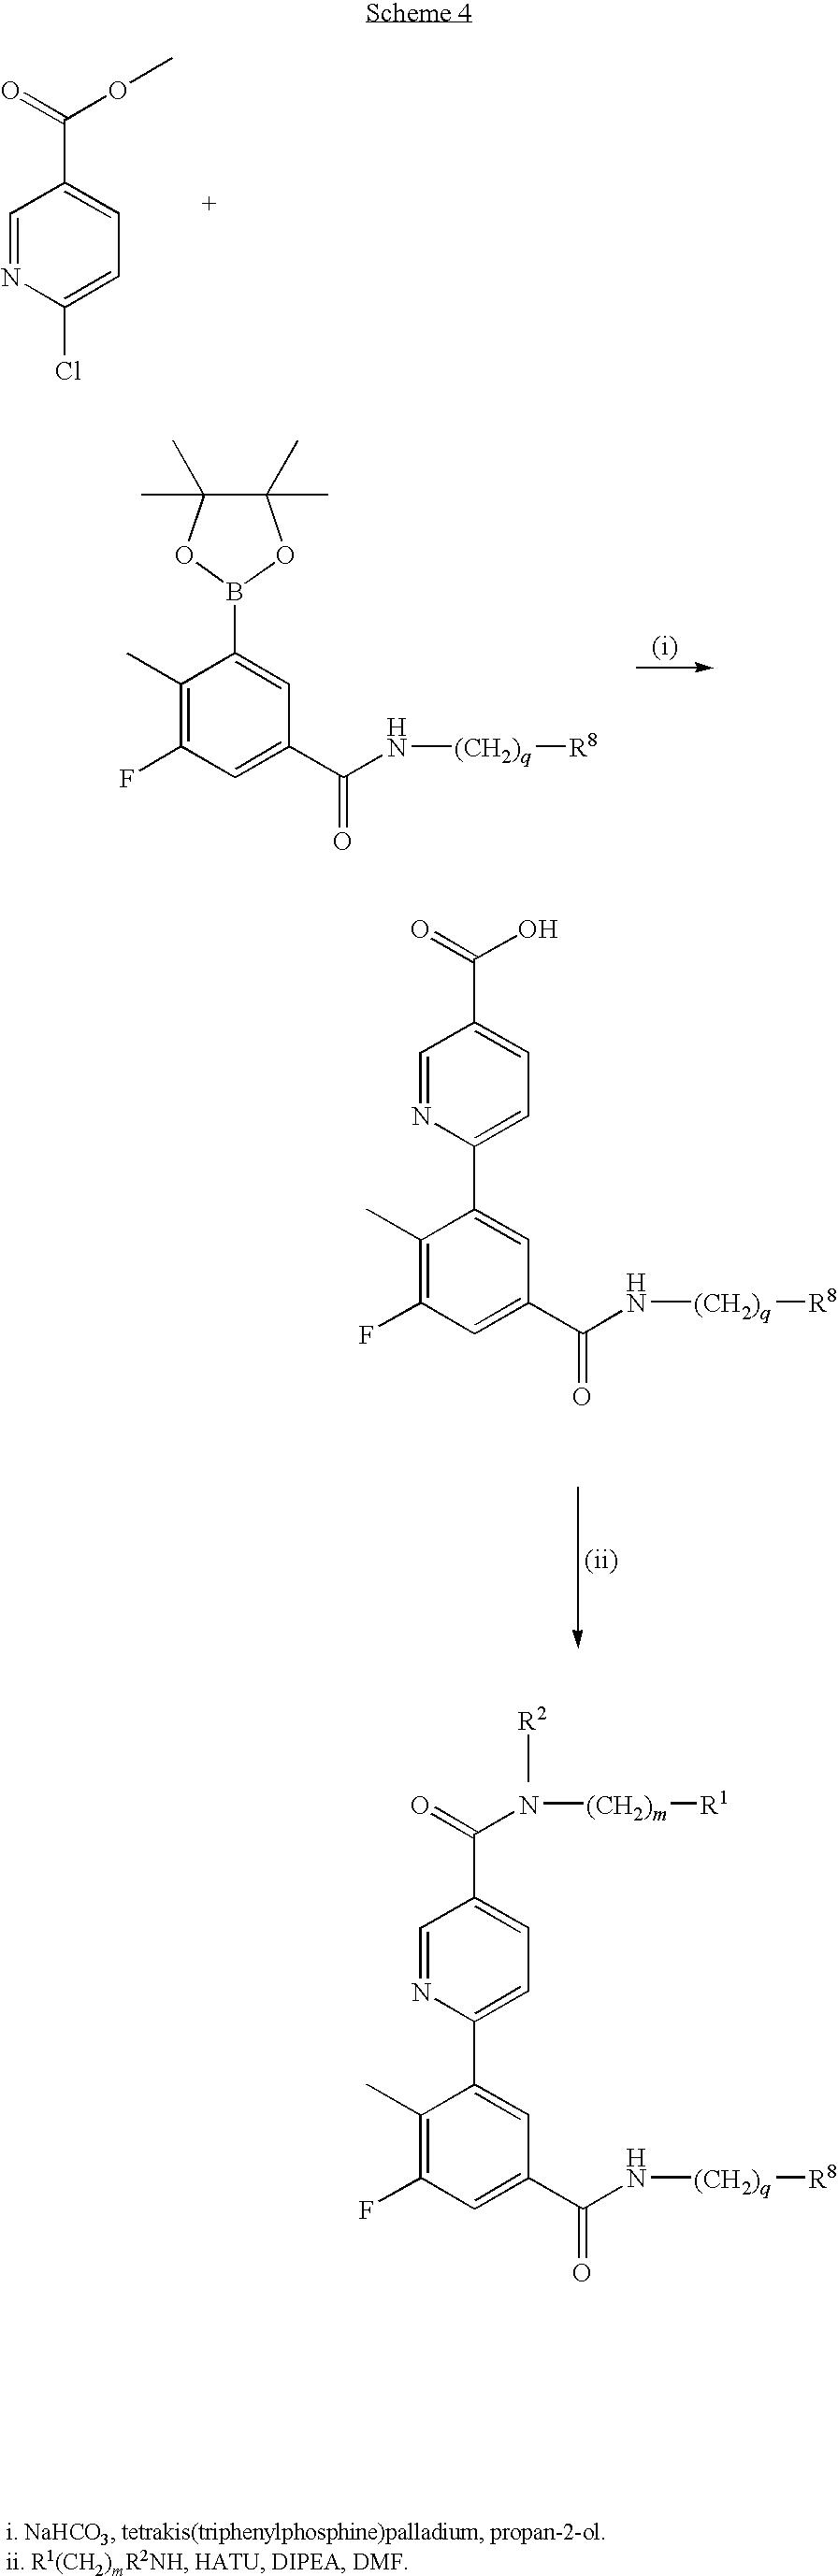 Figure US08252818-20120828-C00015